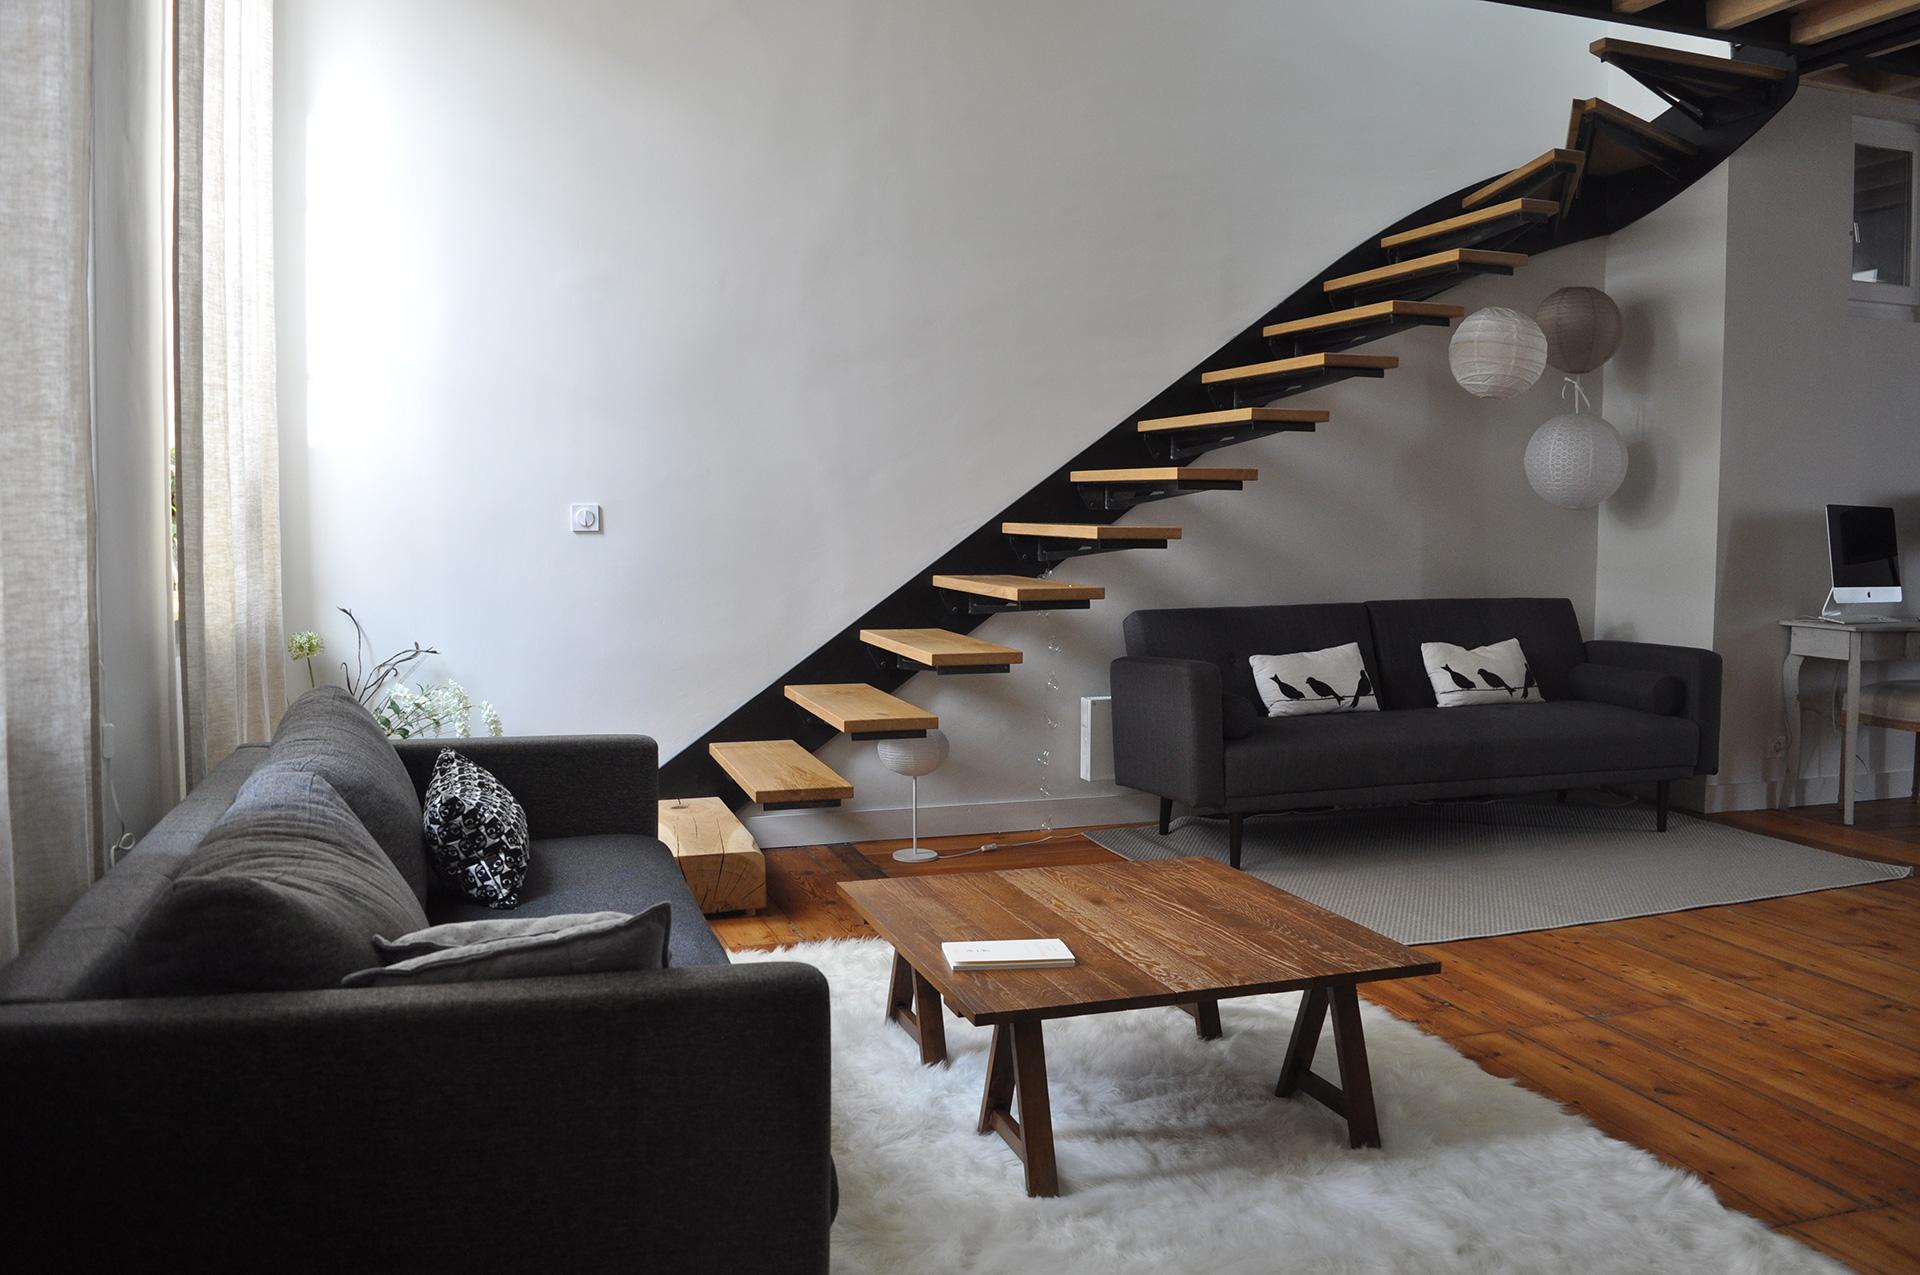 une mezzanine suspendue eponyme architecture